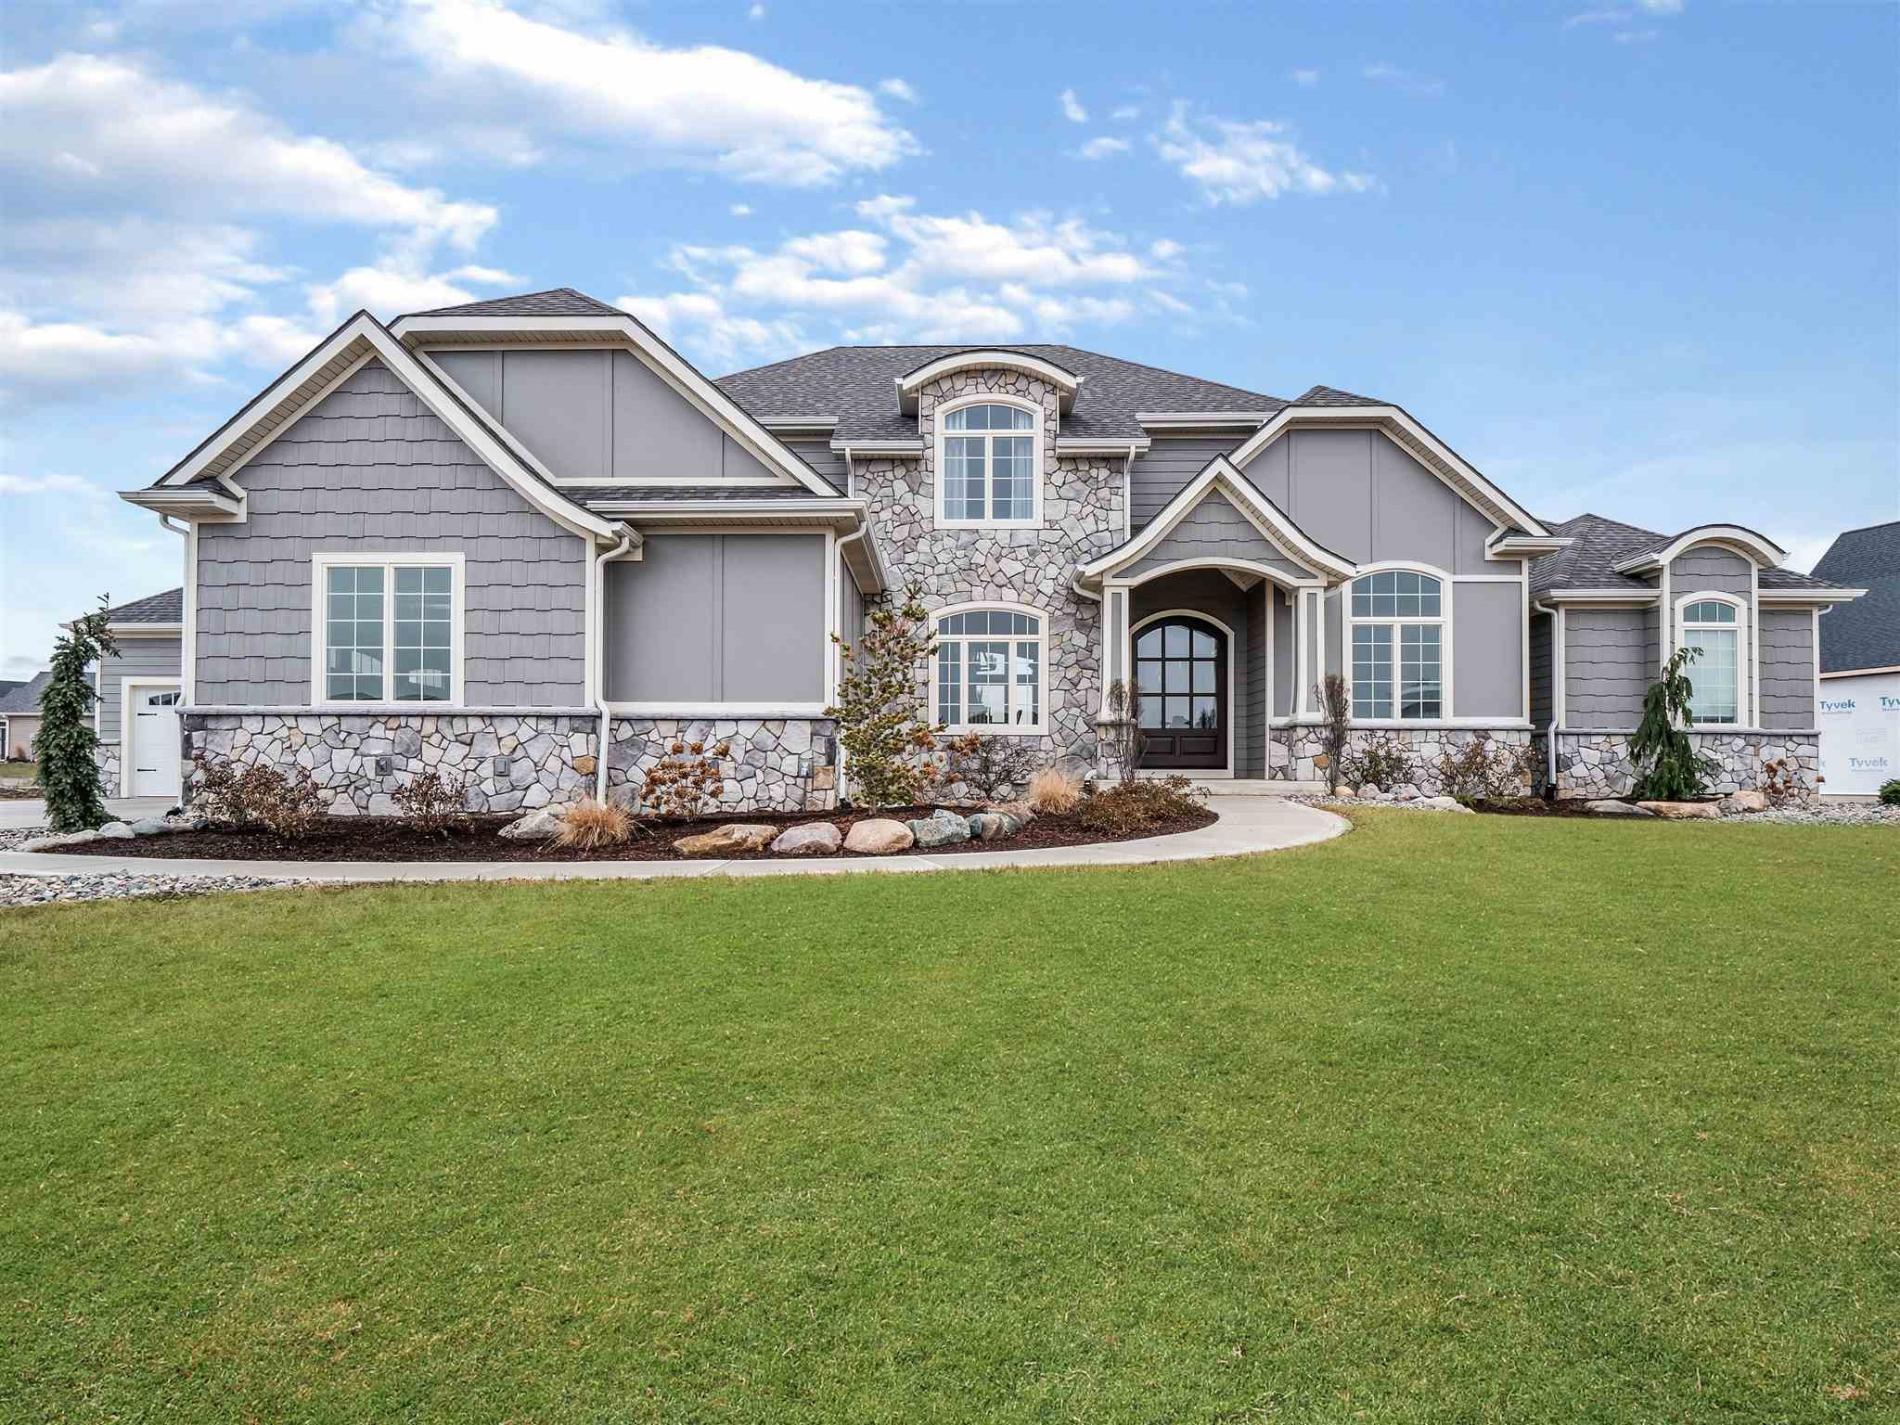 3215 Breyerton Cove, Fort Wayne